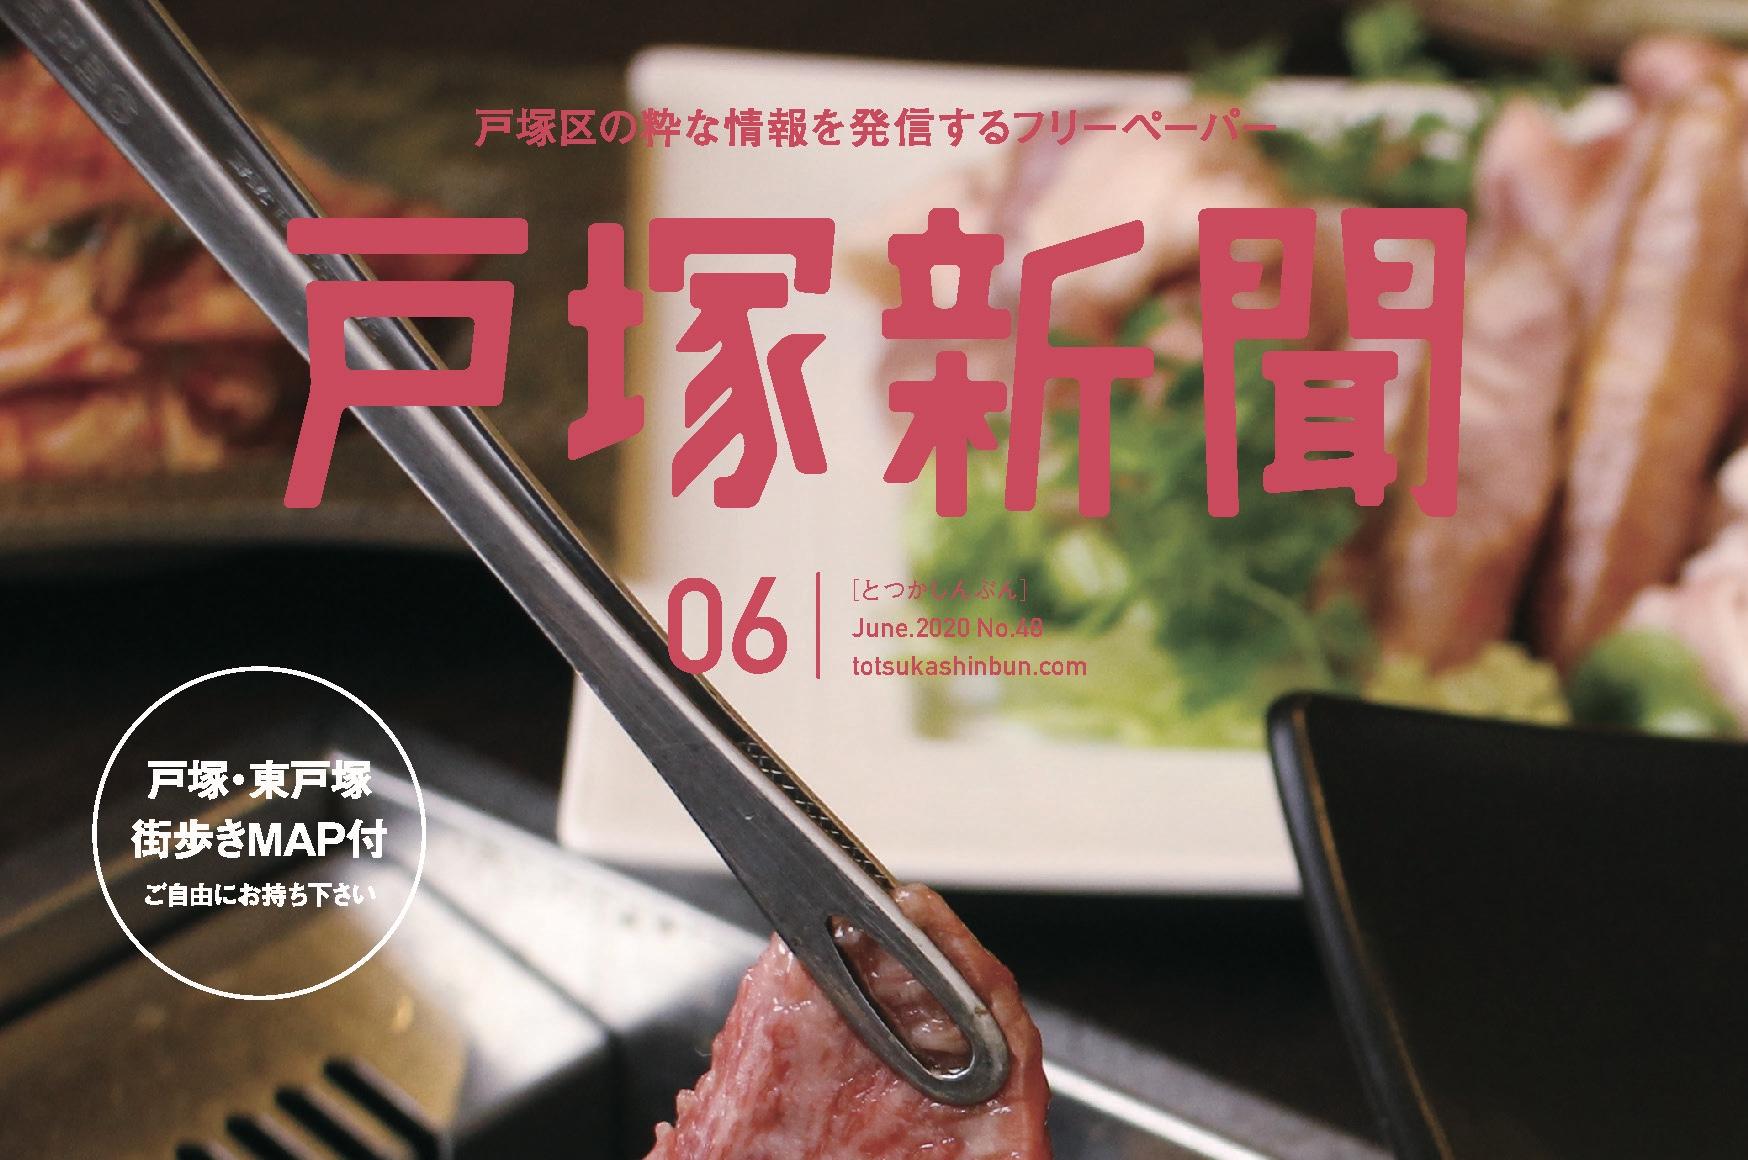 戸塚新聞6月号電子版配信開始